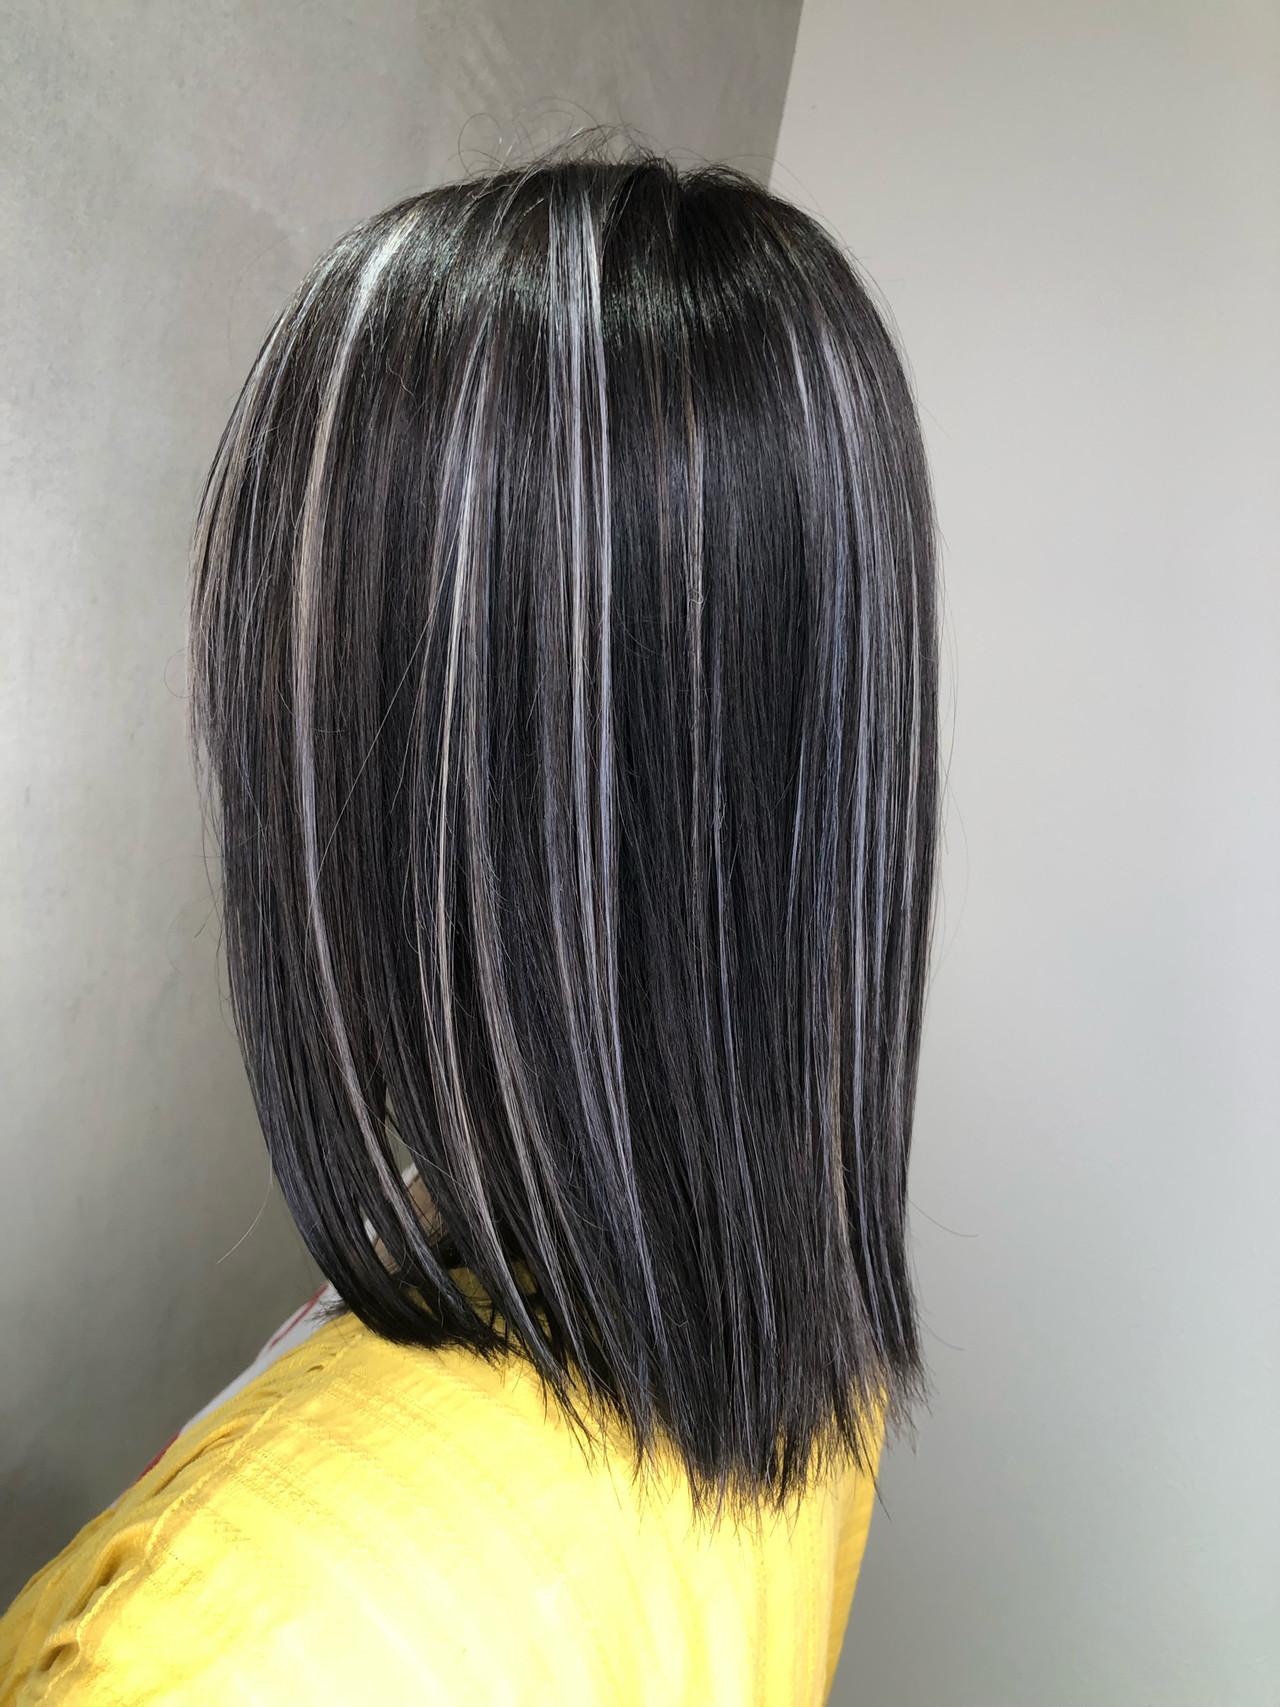 外国人風になれる黒髪に合わせたいおしゃれなハイライトカラー 筒井 隆由Hair salon mode